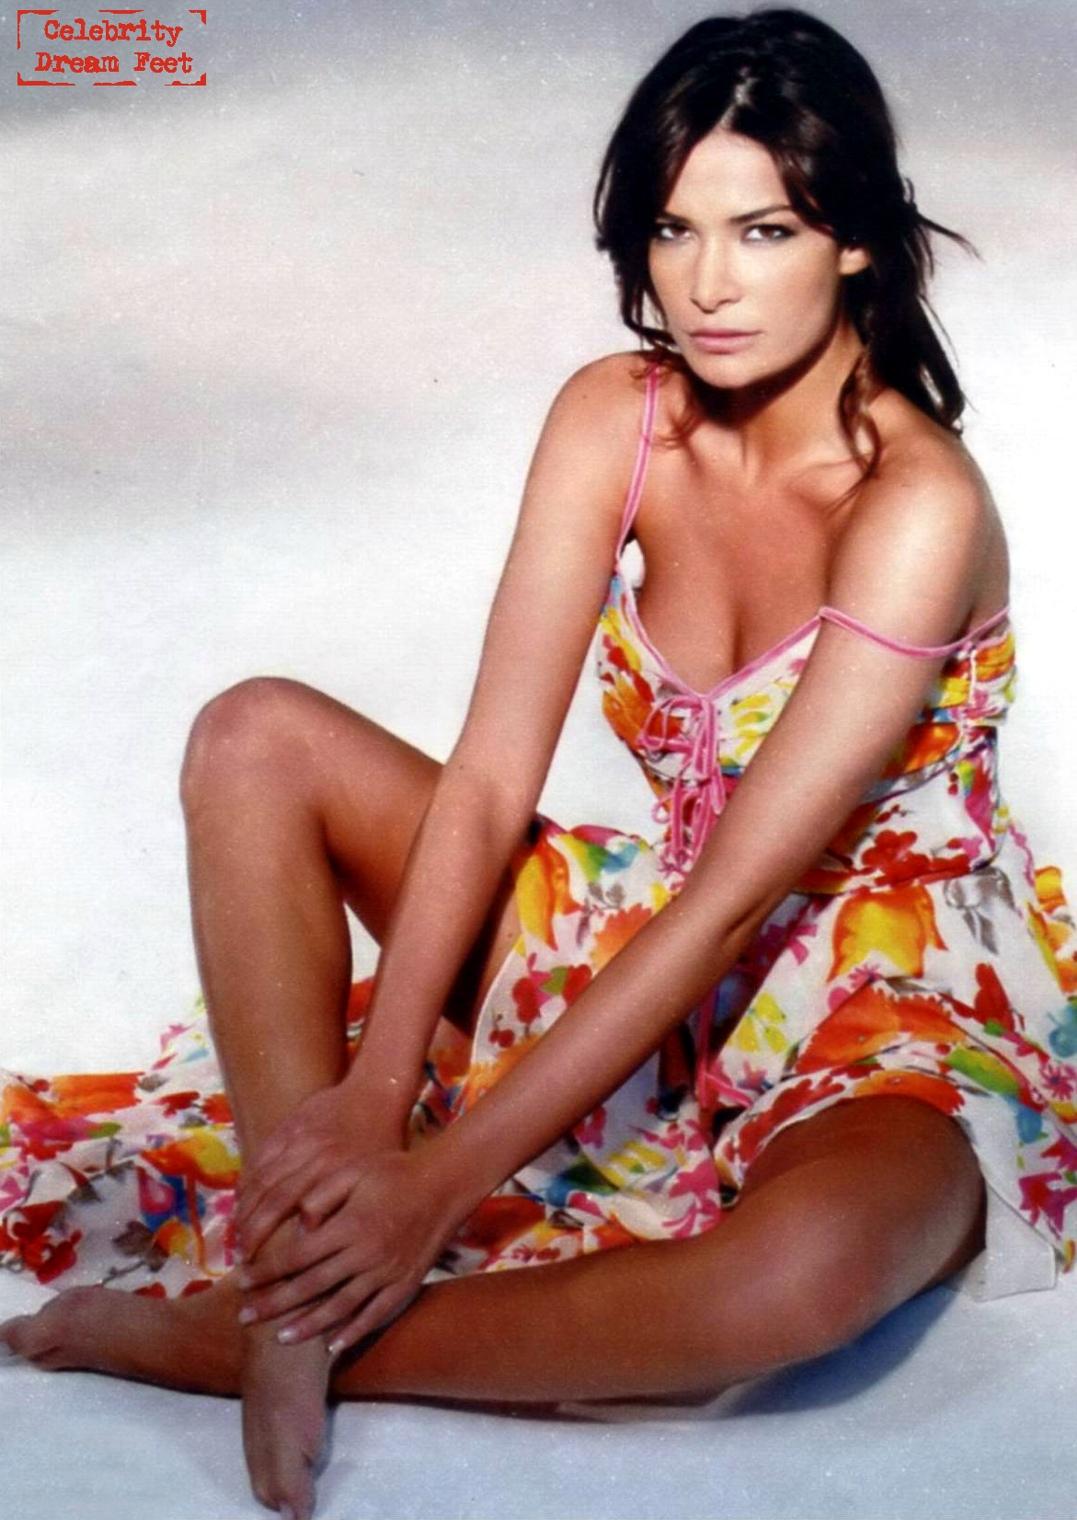 Ilaria Spada's Feet Amber Heard Imdb